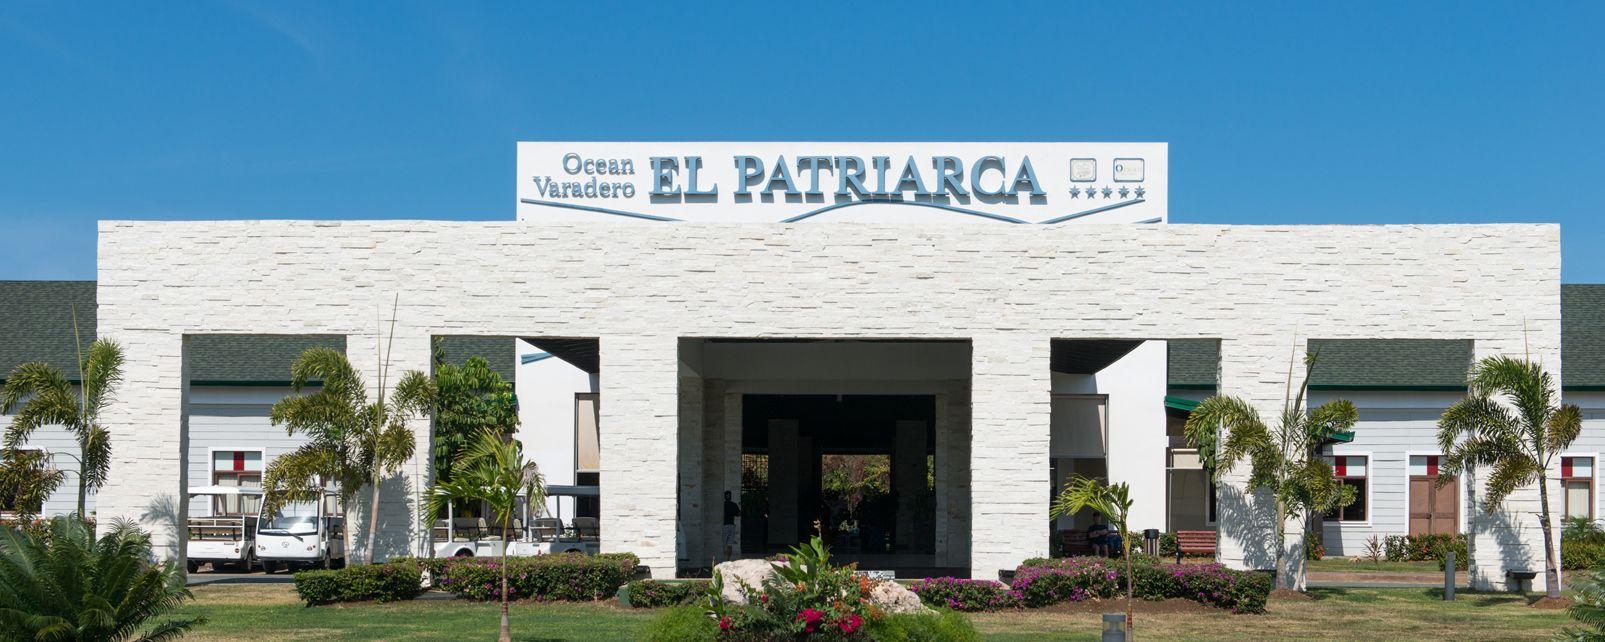 Hôtel Ocean Varadero El Patriarca